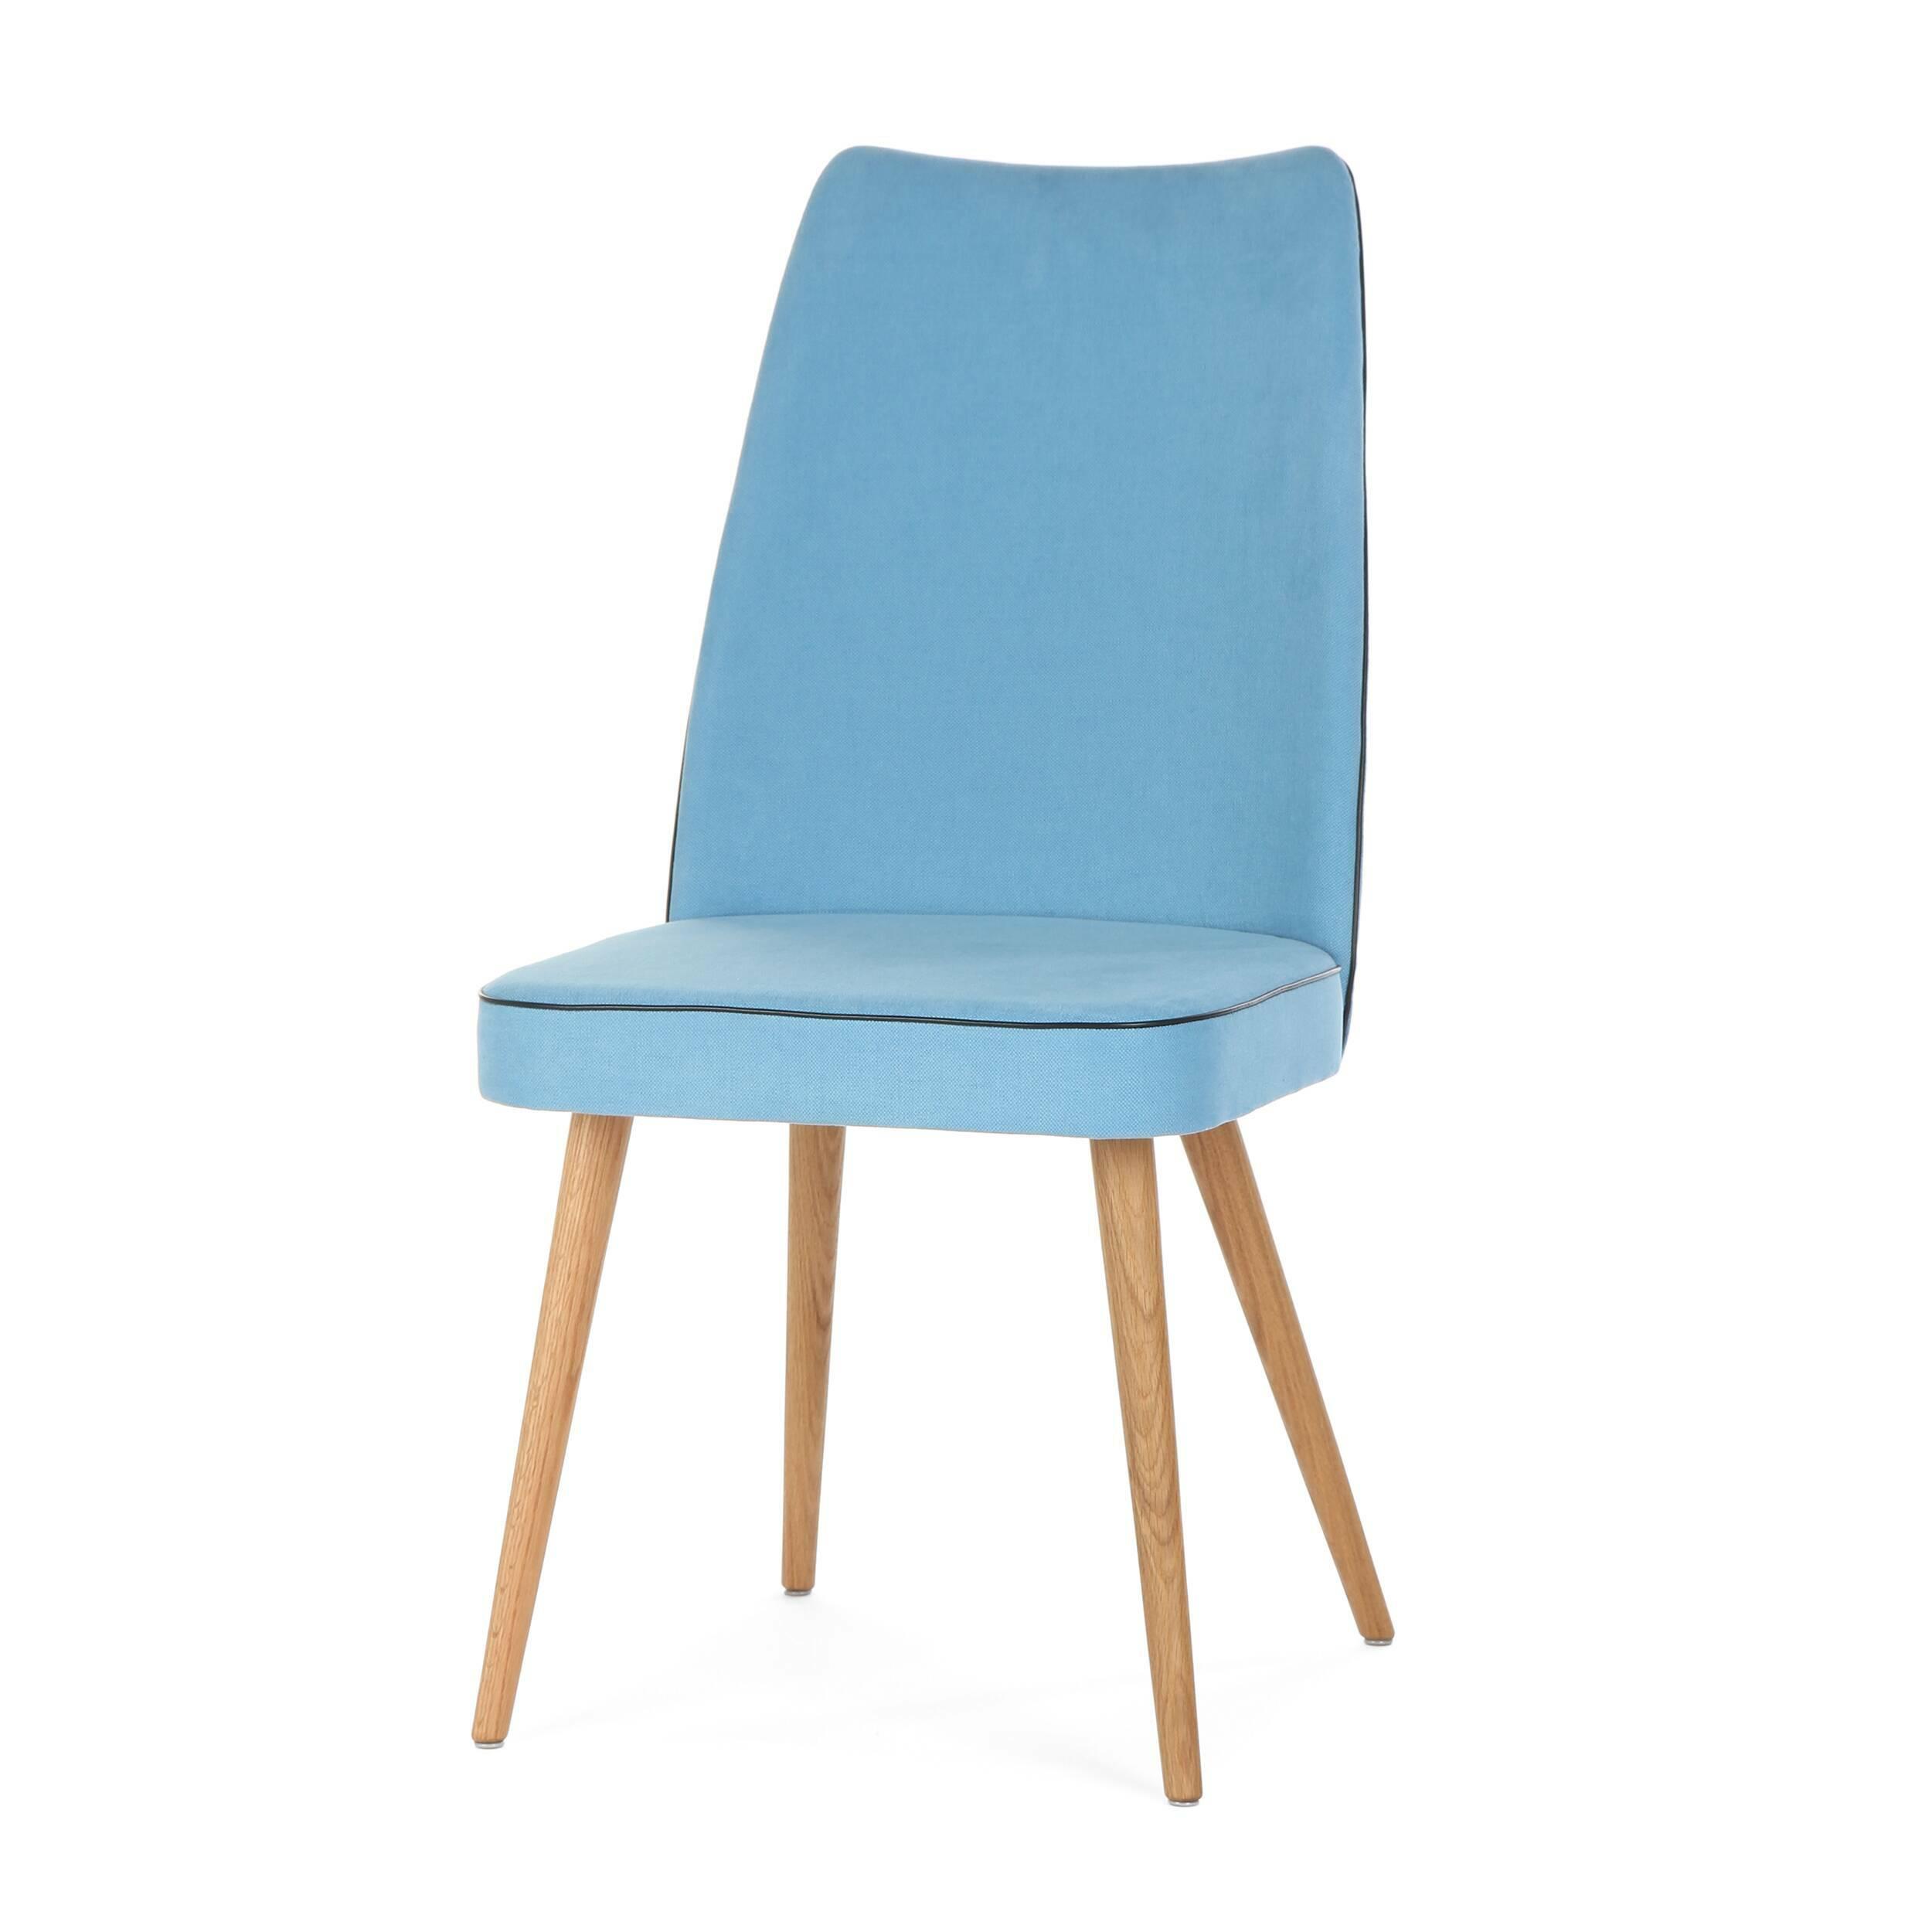 Стул Lounge HighИнтерьерные<br>Дизайнерский мягкий стул Lounge High (Лаундж Хайт) с высокой спинкой на деревянных ножках от Cosmo (Космо).<br><br> Стул Lounge High — это удобный, простой и одновременно оригинальный и необычный предмет интерьера, который открывает новые возможности ввиду своей универсальности. Стул прекрасно впишется в спокойный, мягкий, тихий и уютный интерьер кафе, ресторана или же прекрасно будет смотреться в гостиной возле обеденного стола. <br><br><br>     Основание выполнено из натурального ореха, а само сидень...<br><br>stock: 7<br>Высота: 93<br>Высота сиденья: 46<br>Ширина: 47<br>Глубина: 57<br>Цвет ножек: Дуб<br>Материал ножек: Массив дуба<br>Материал сидения: Хлопок, Лен<br>Цвет сидения: Голубой<br>Тип материала сидения: Ткань<br>Коллекция ткани: Ray Fabric<br>Тип материала ножек: Дерево